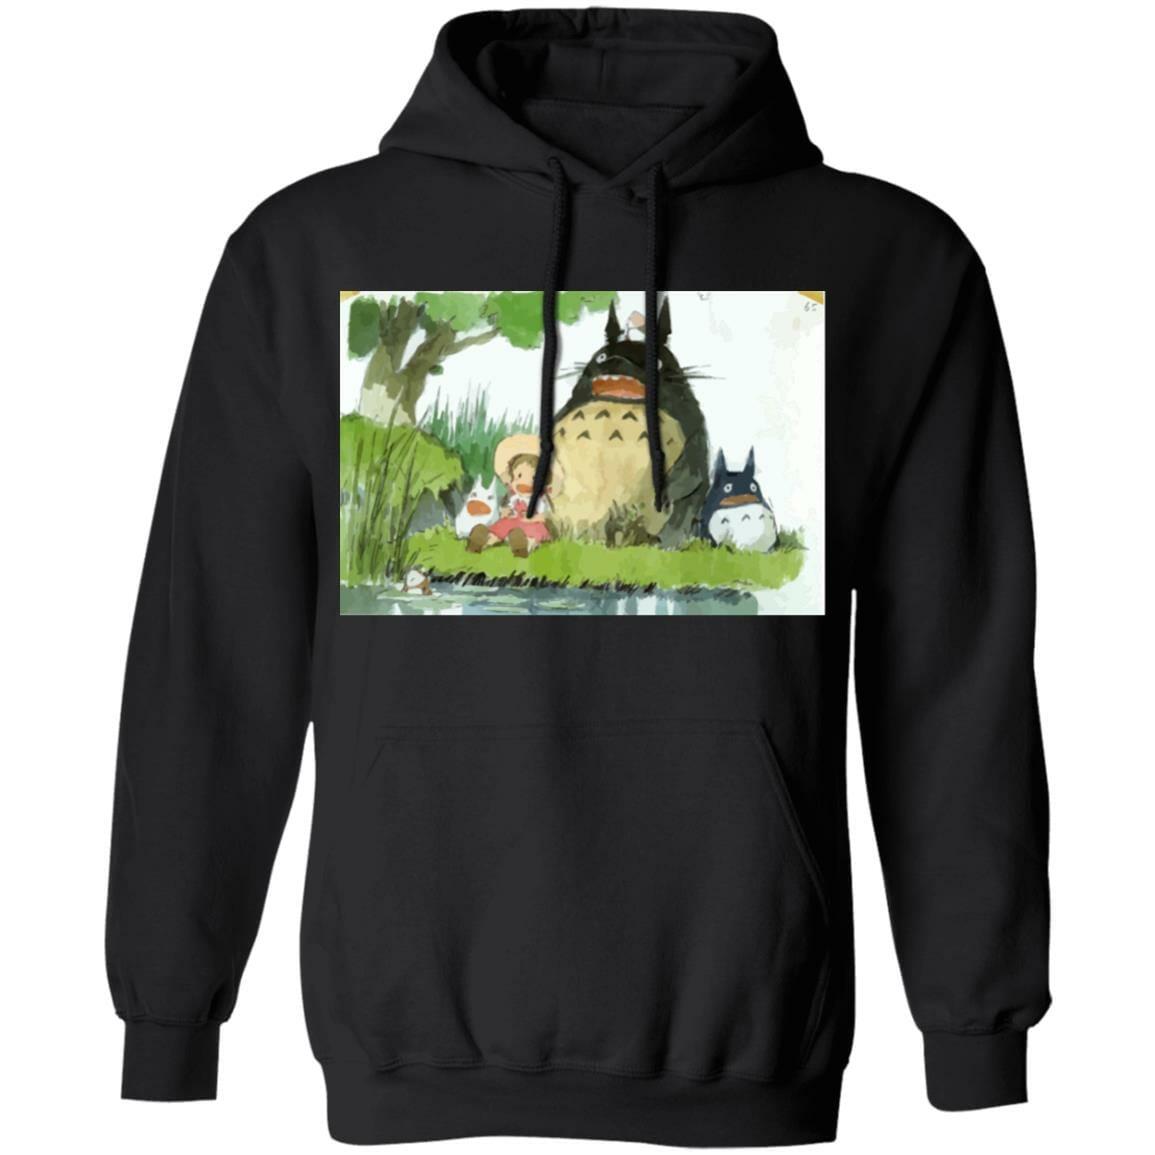 My Neighbor Totoro Picnic Fanart Hoodie Unisex